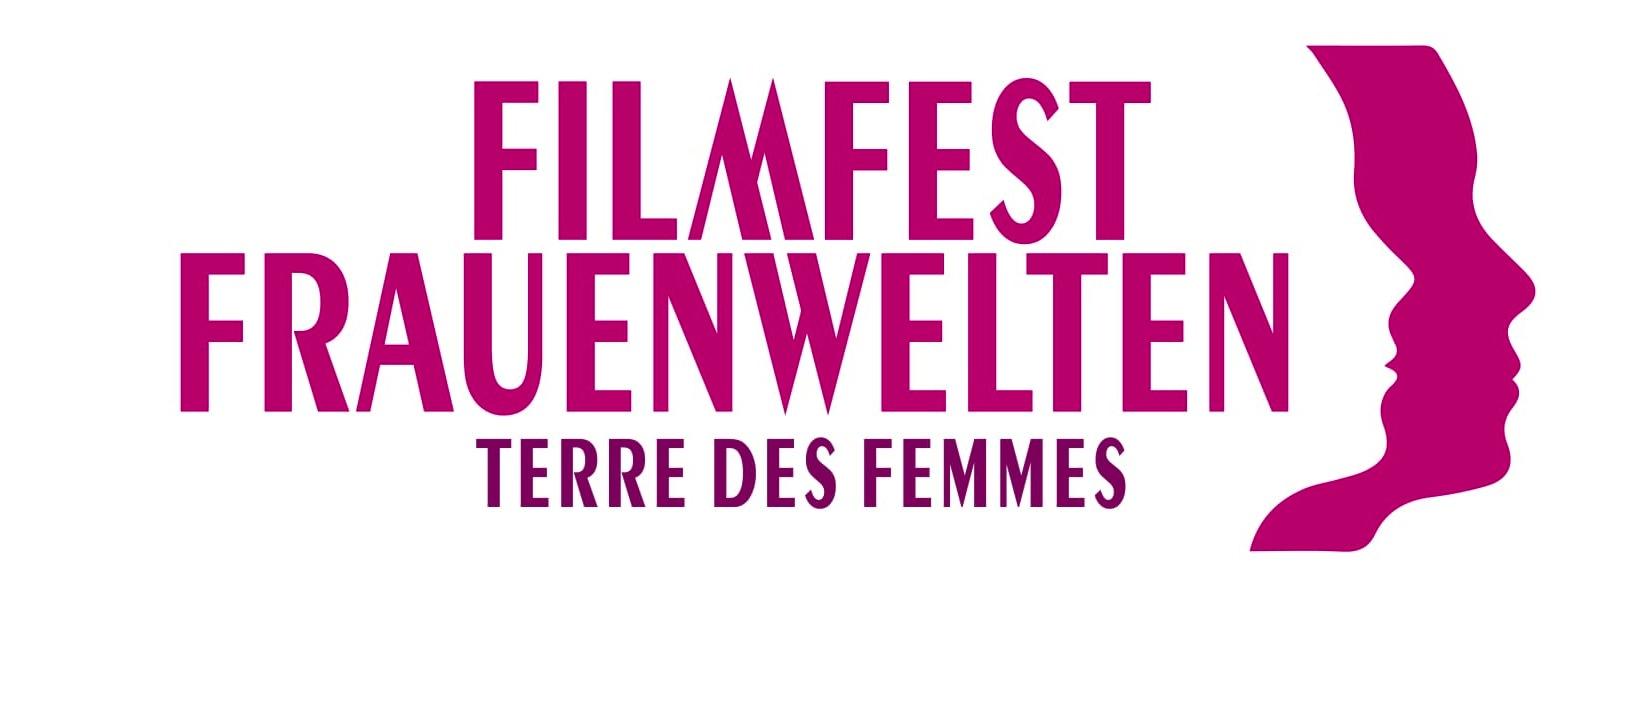 Filmfest FrauenWelten, TERRE DES FEMMES